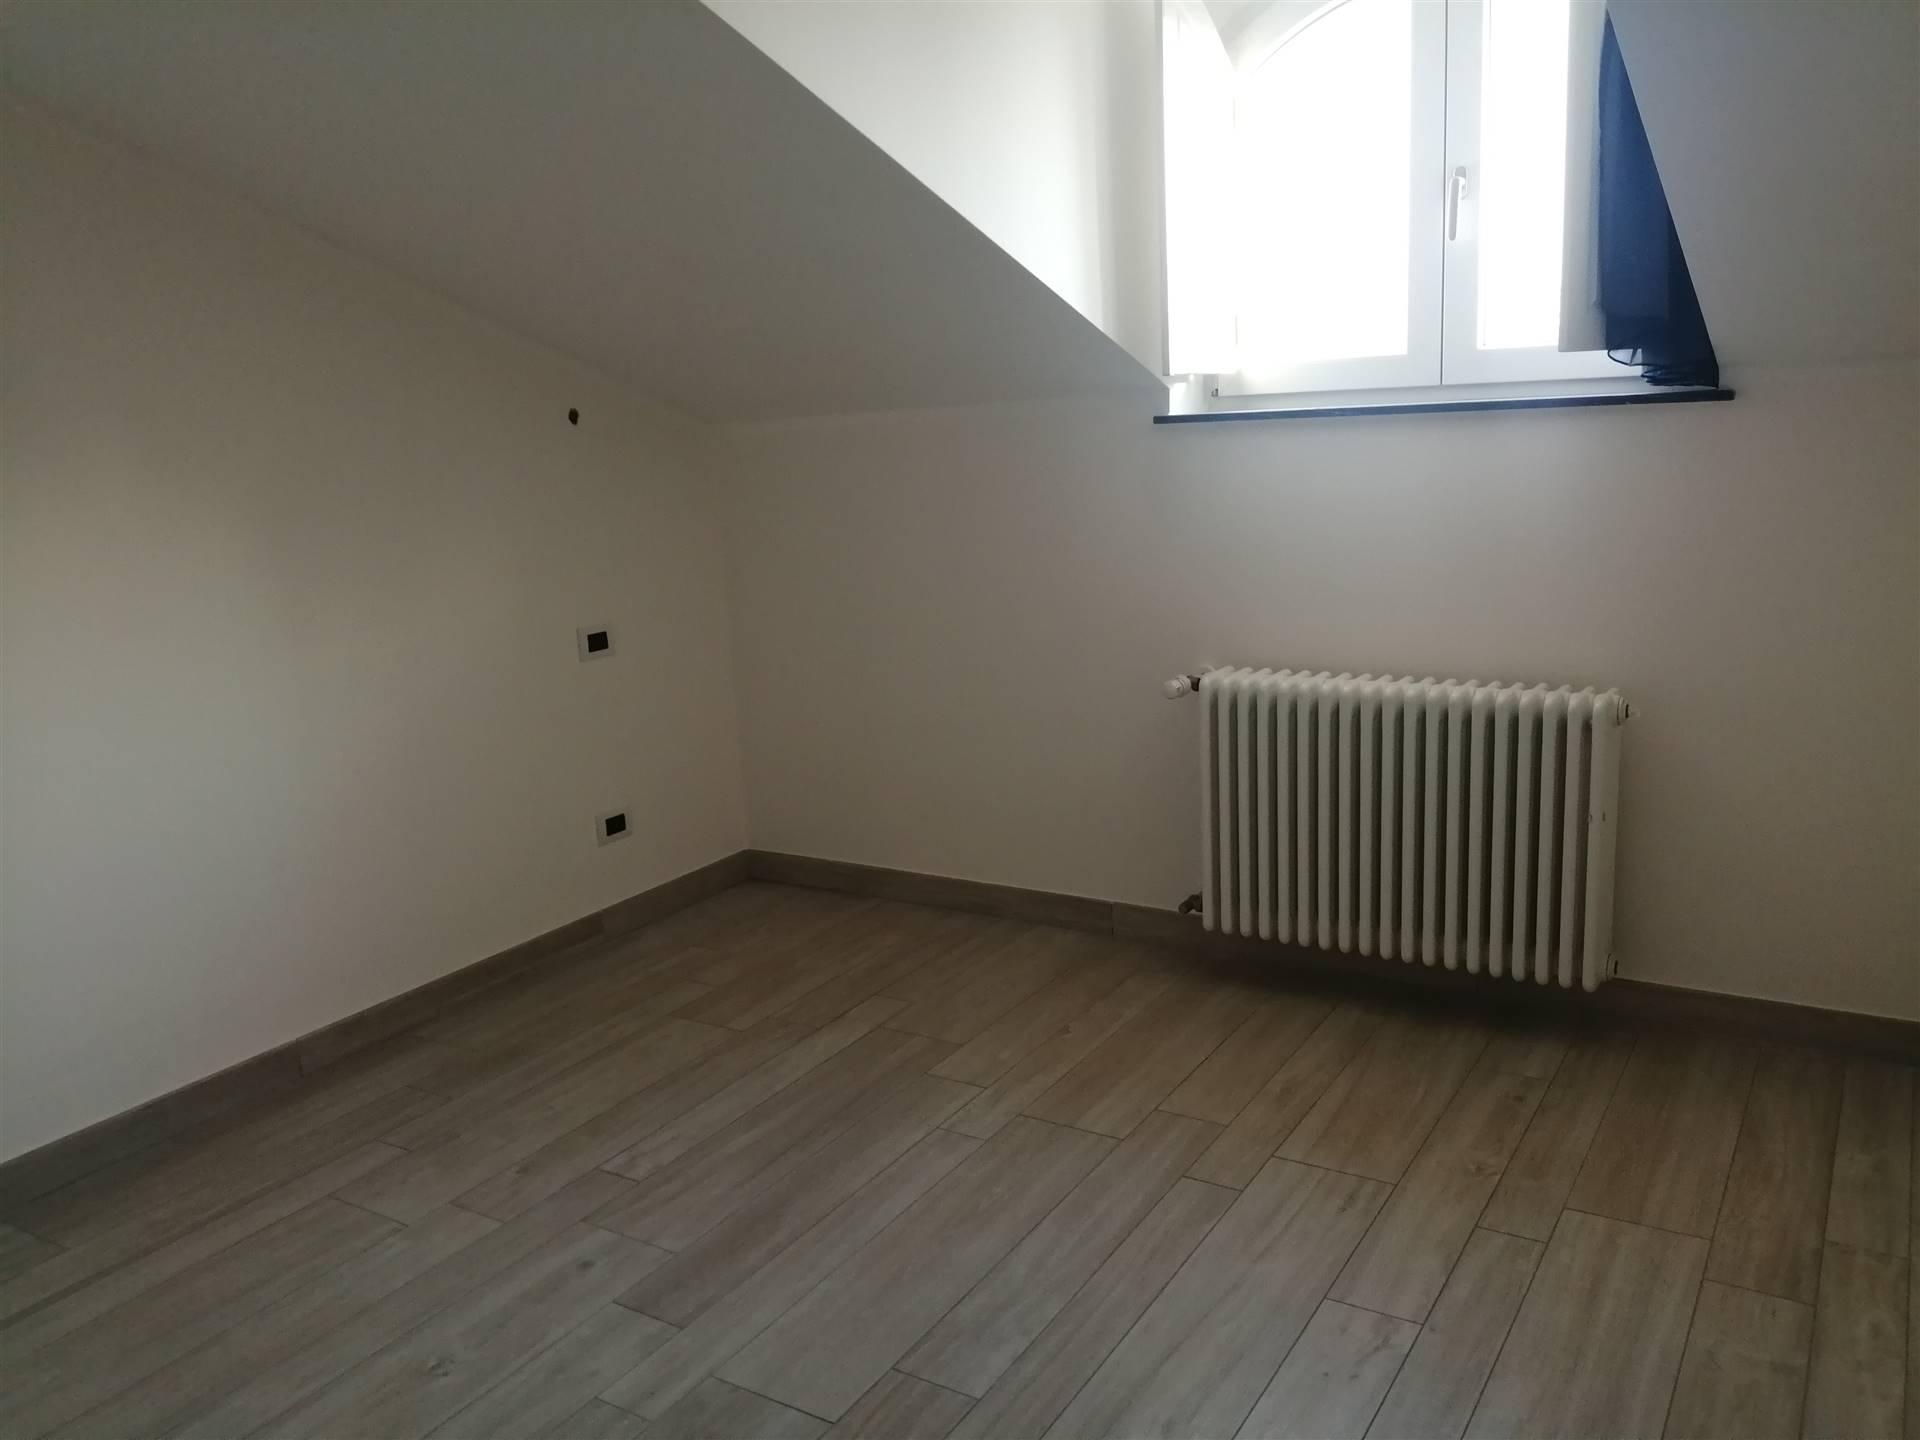 Appartamento in affitto a Bordighera, 3 locali, zona Località: CENTRO, prezzo € 1.050 | PortaleAgenzieImmobiliari.it